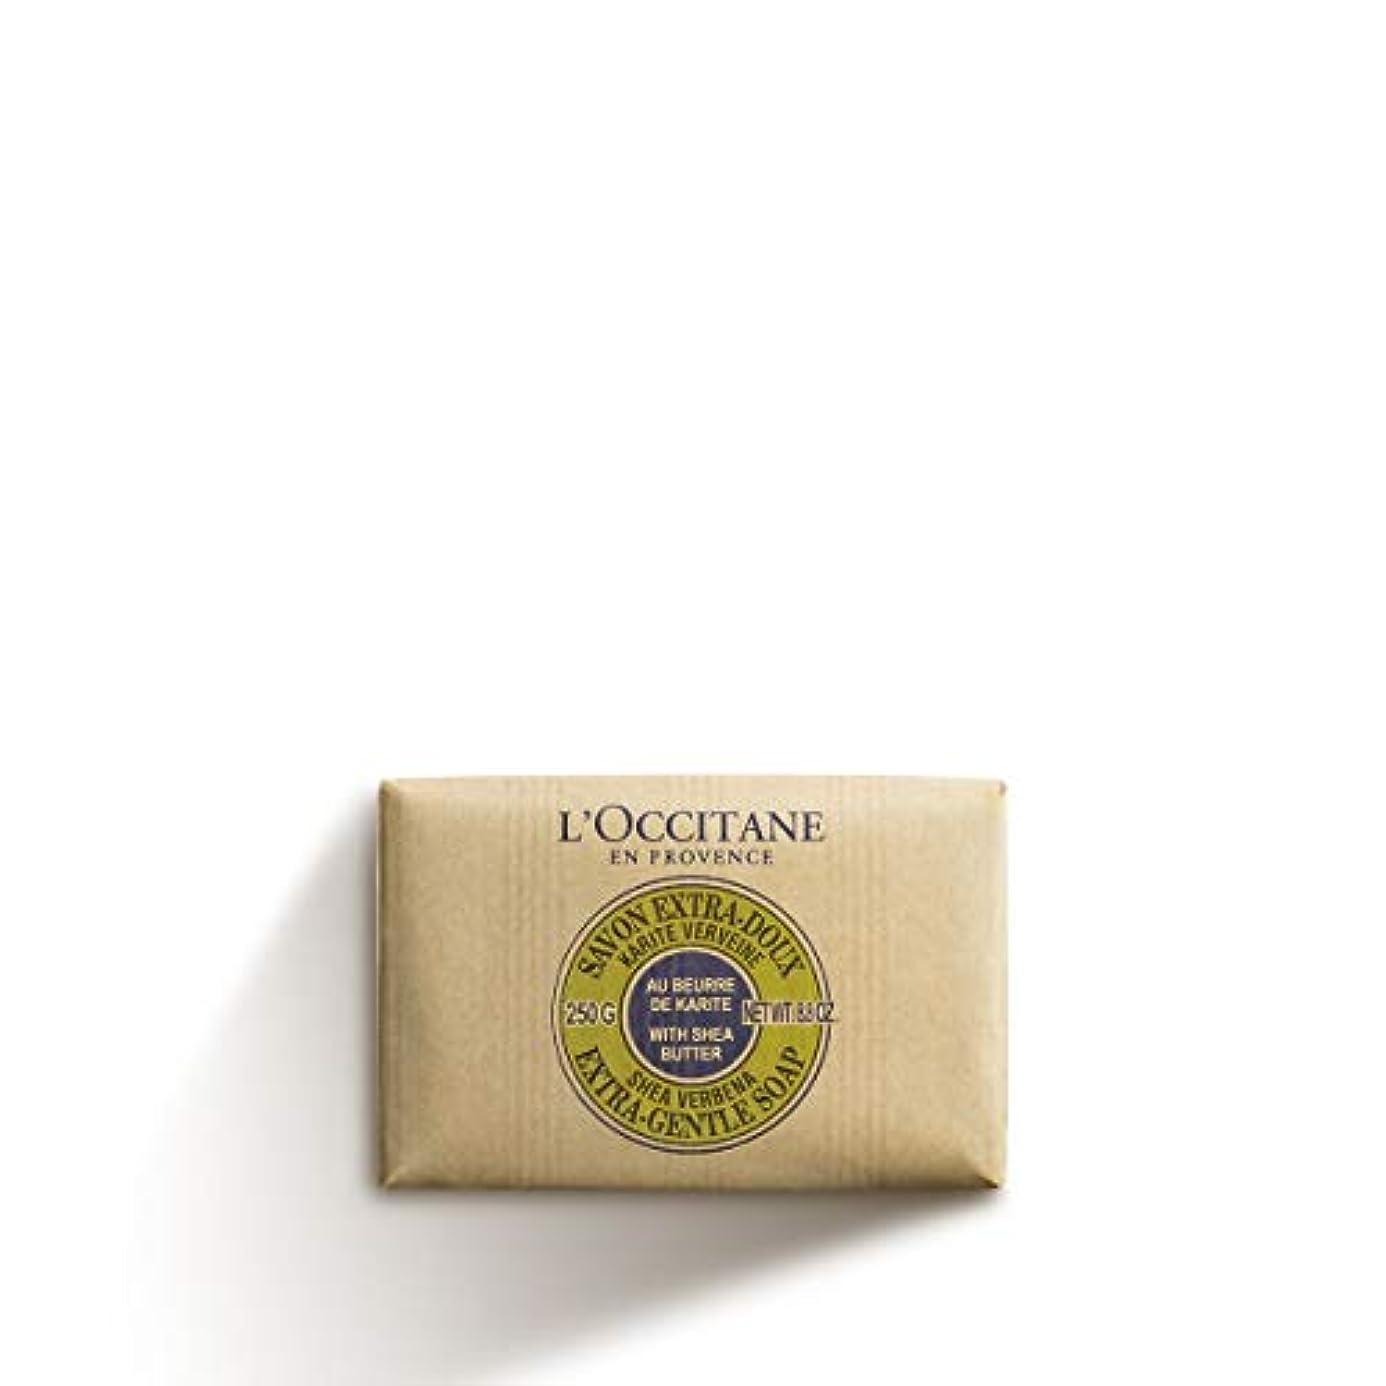 元気きゅうりメーカーロクシタン(L'OCCITANE) シアバターソープ 250g ヴァーベナ